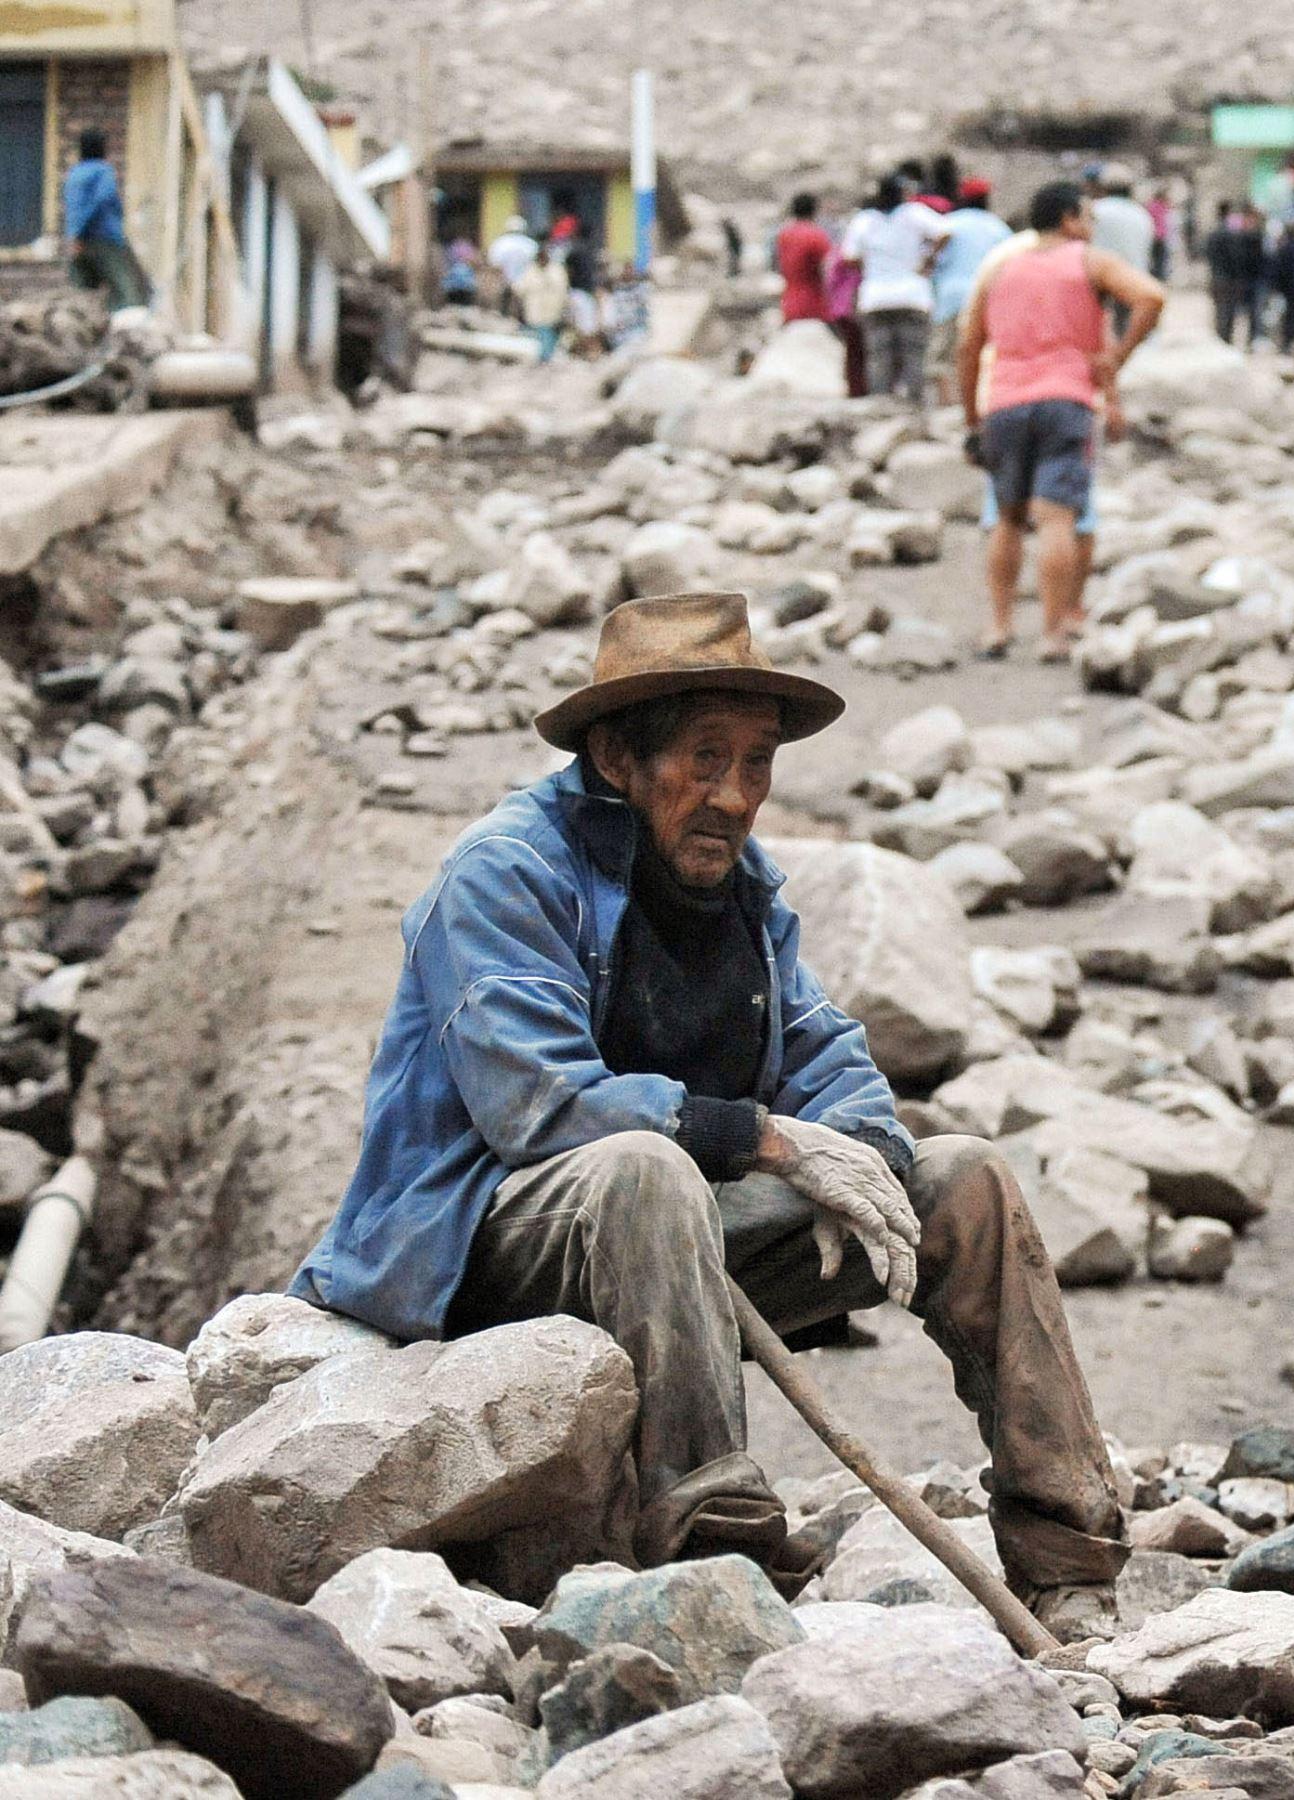 Un hombre se sienta en una roca en medio de los escombros un día después de un deslizamiento de tierra provocado por fuertes lluvias, que afectó a la aldea rural de Aplao, región de Arequipa, Perú. Las autoridades informaron que al menos cinco personas murieron durante los deslizamientos de tierra que afectaron a dos pueblos. Km. separados entre sí en el municipio andino de Río Grande en la región de Arequipa, al sur del Perú. AFP